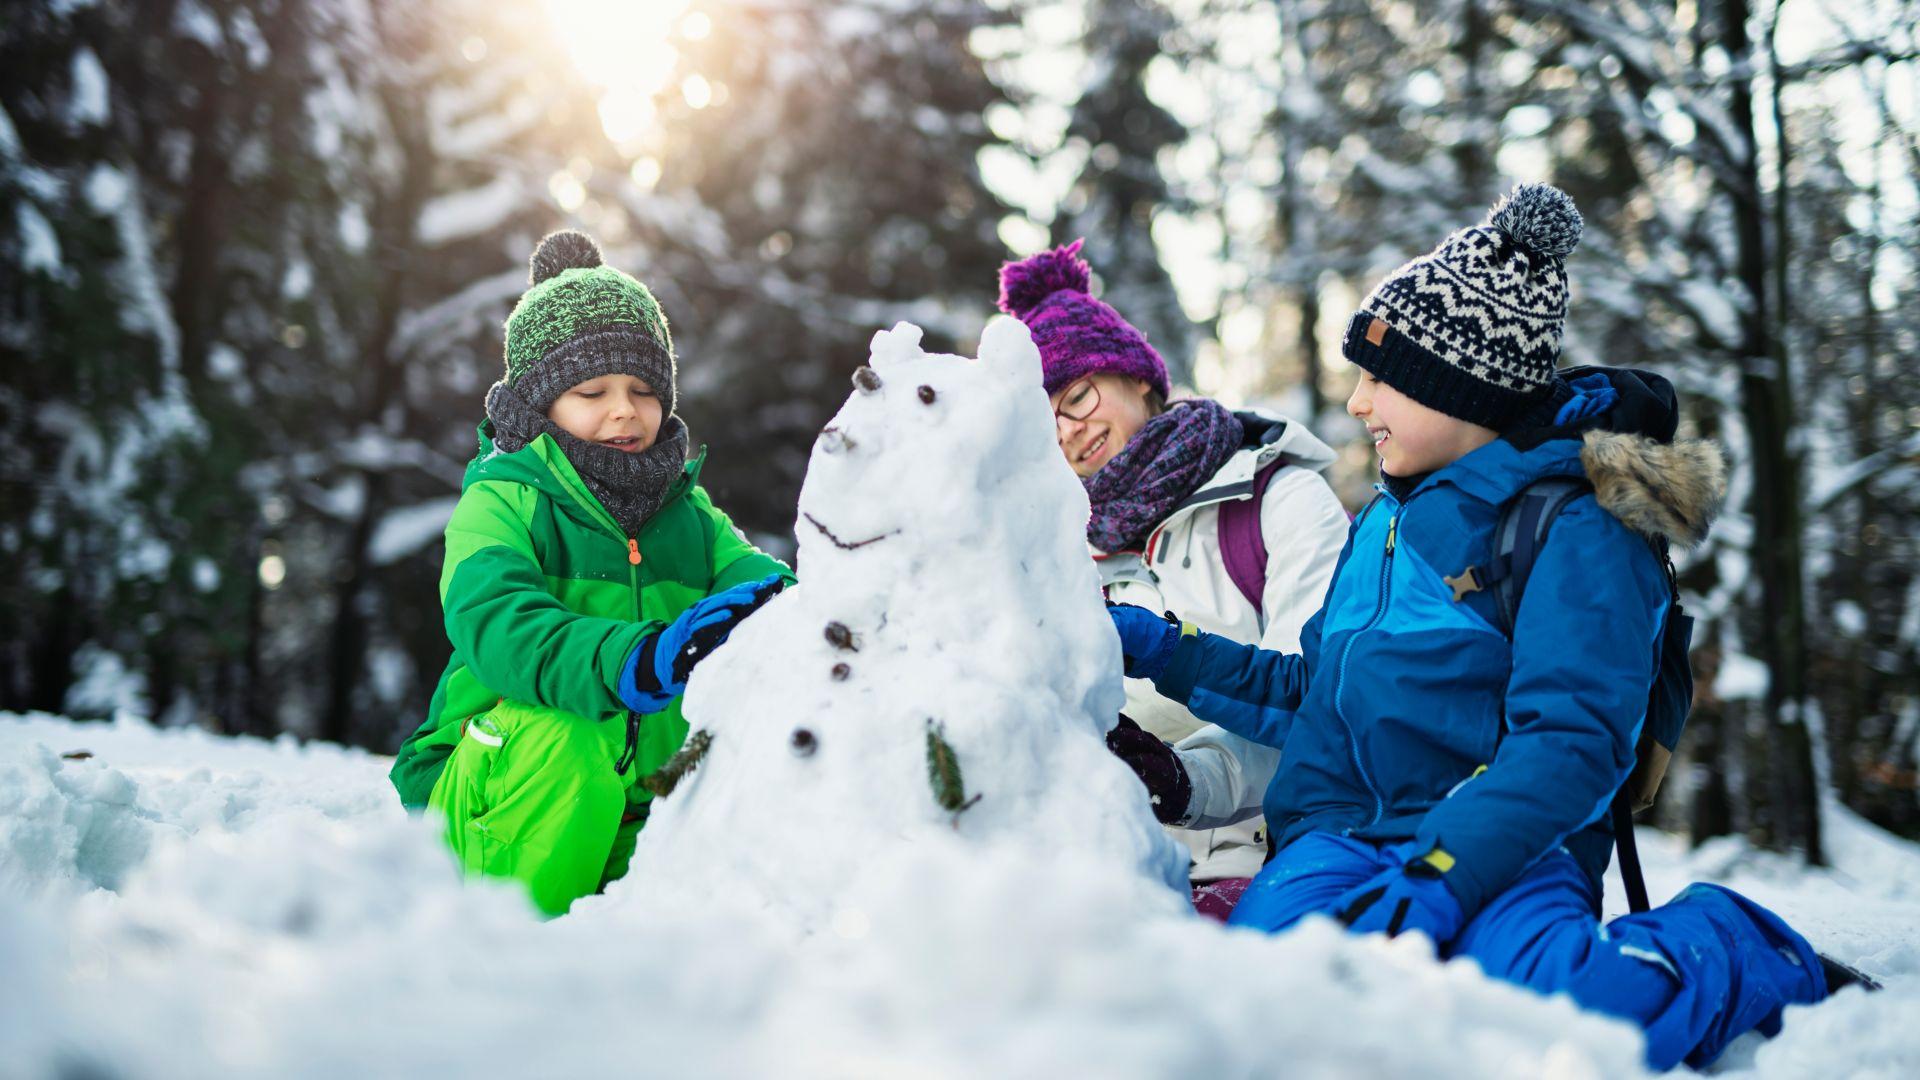 Как да ви е хубаво на ски почивка, ако не карате ски